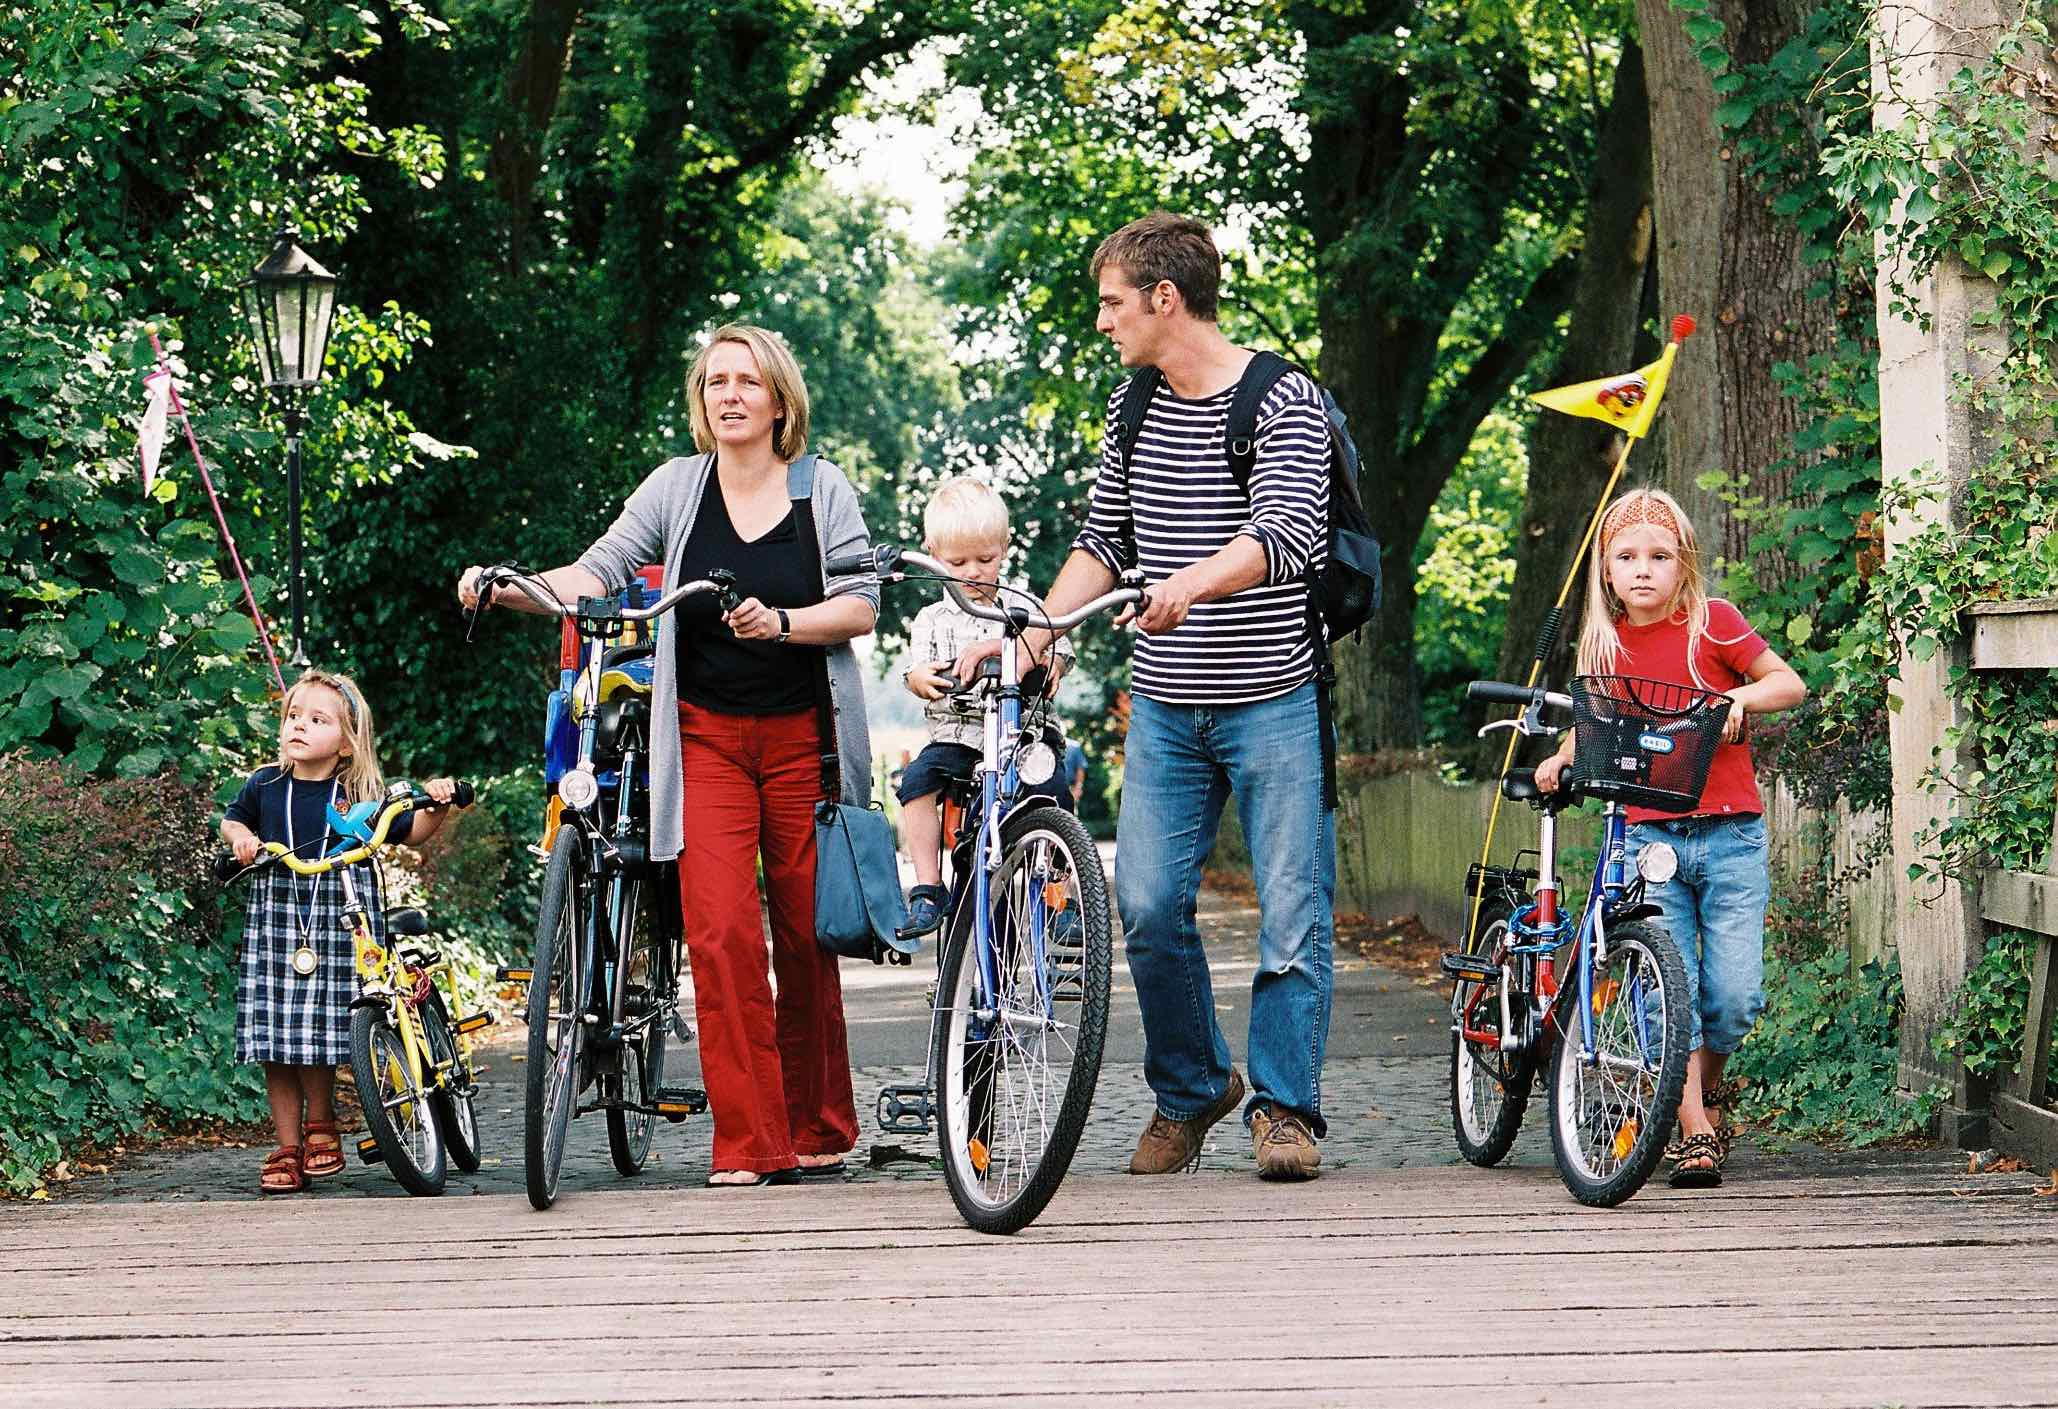 Urlaub in der Heimat lohnt sich: Das Münsterland hält für Familien schöne Touren und Ausflugstipps bereit. (Foto: Münsterland e.V.)